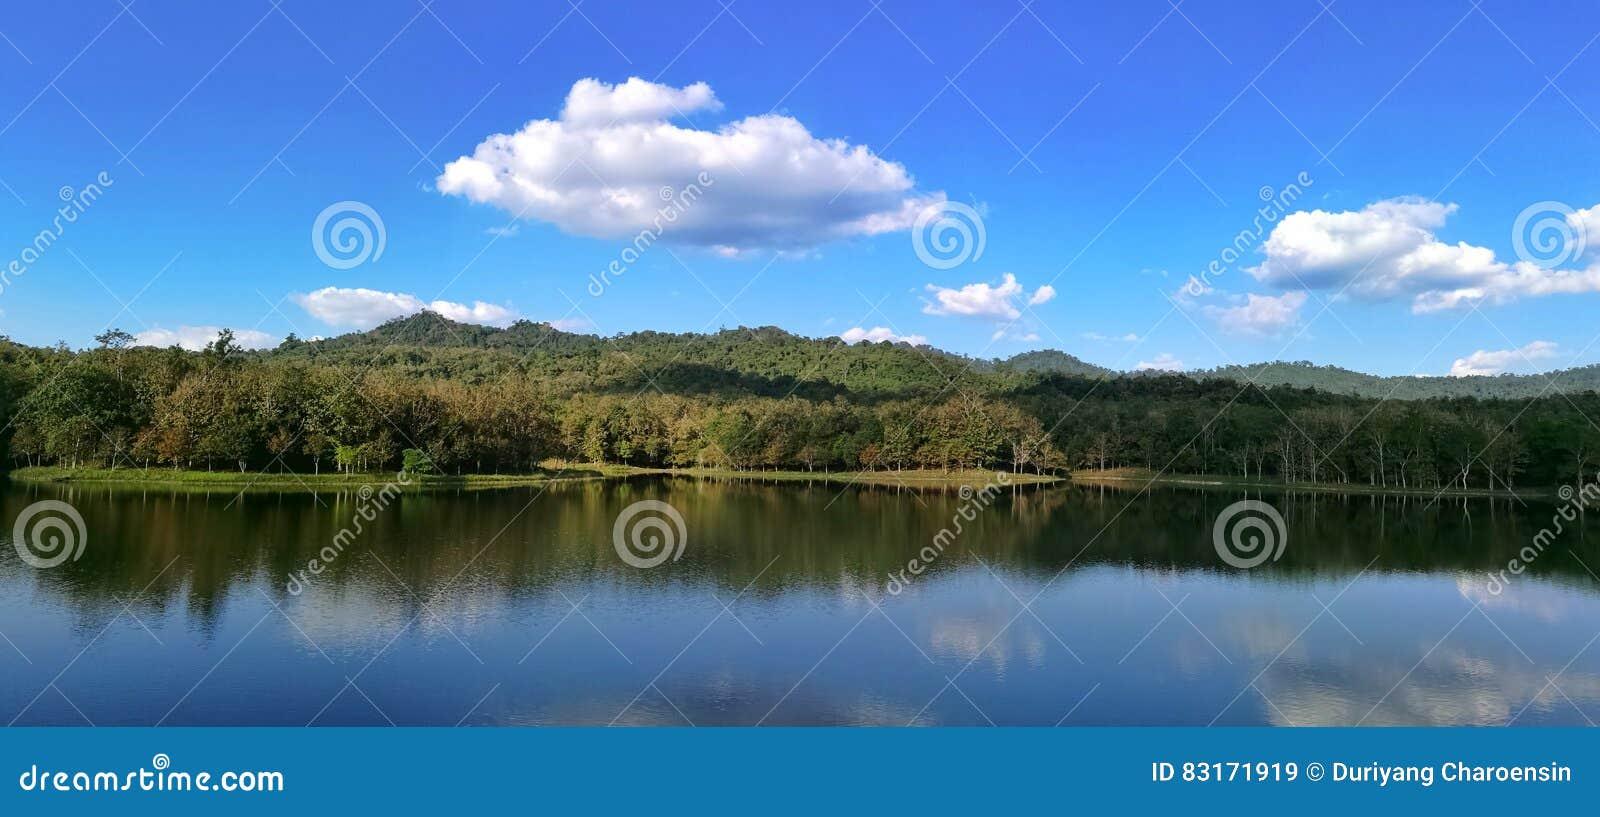 Lake in Pongkonsao saraburi thailand